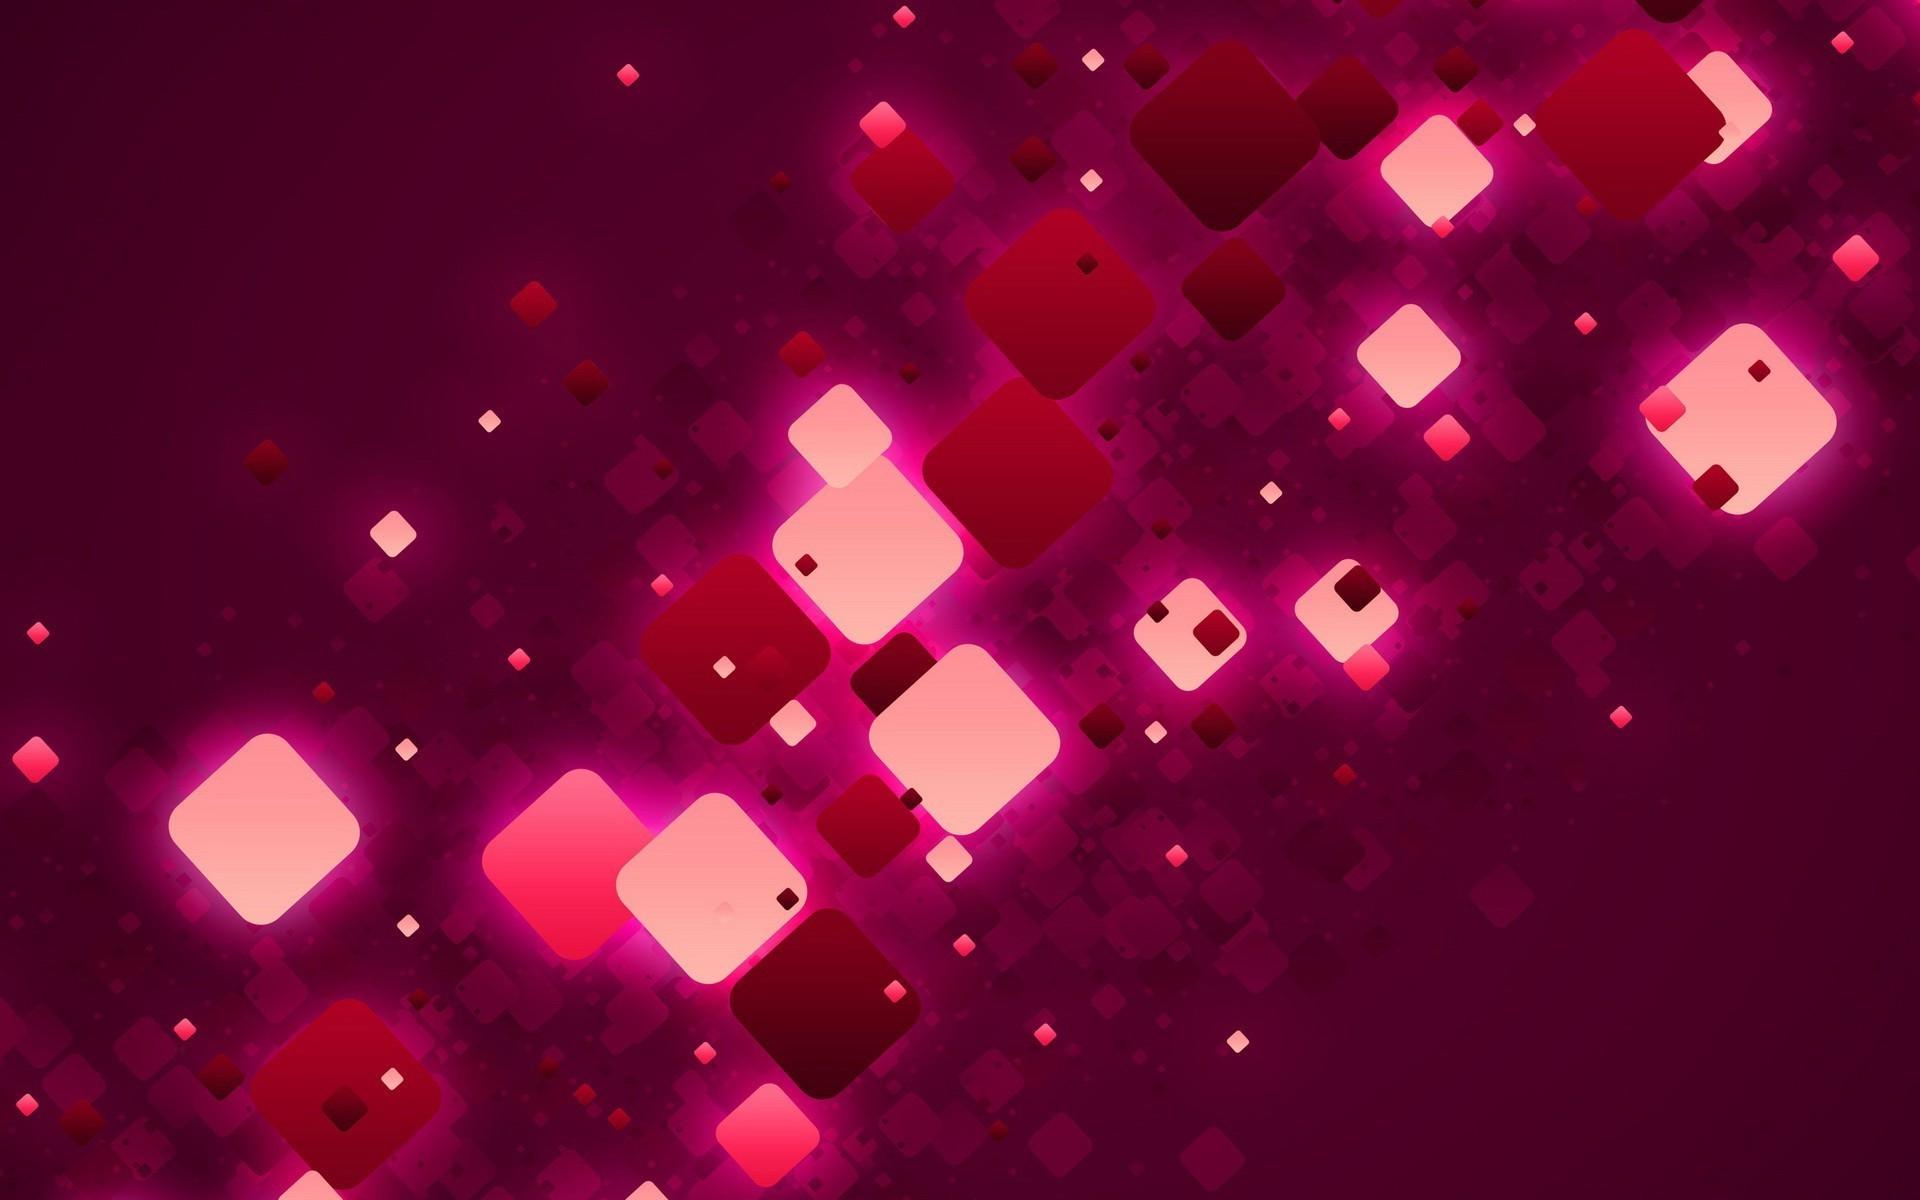 Fall Season Wallpapers Desktop Pink Wallpapers Hd Pixelstalk Net